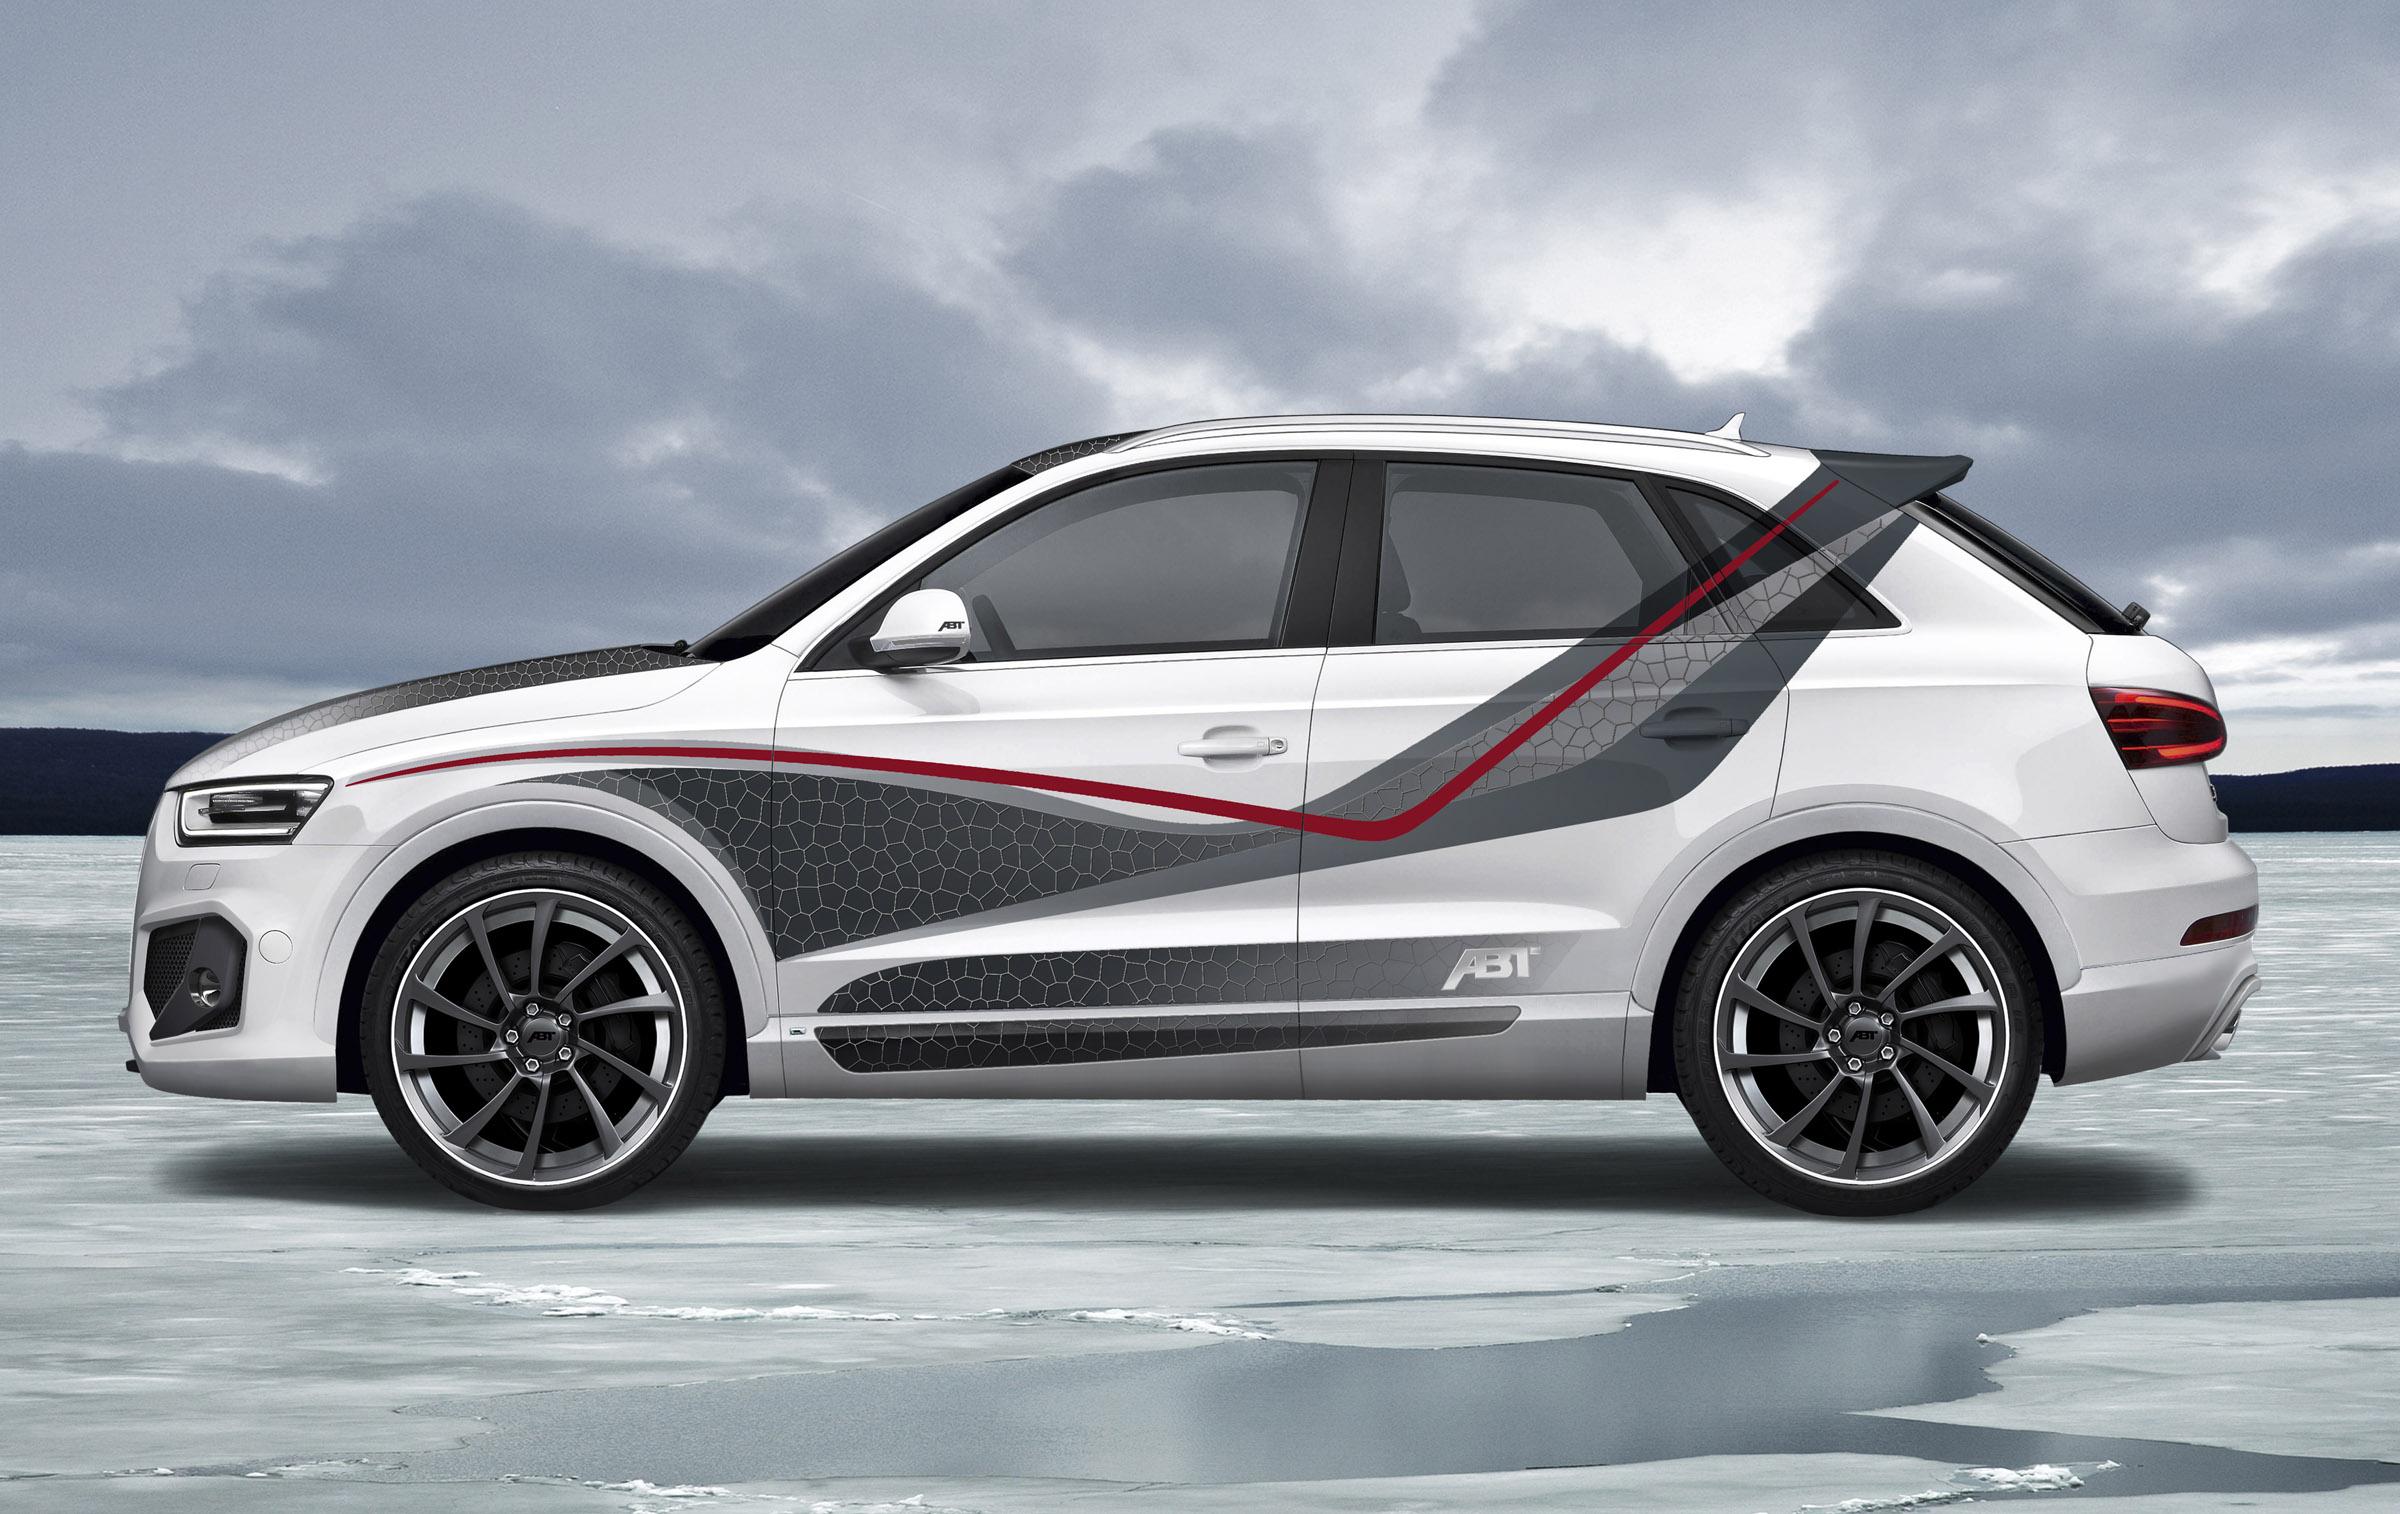 Audi Q3 Front Grill >> 2012 Geneva Motor Show: ABT Audi QS3